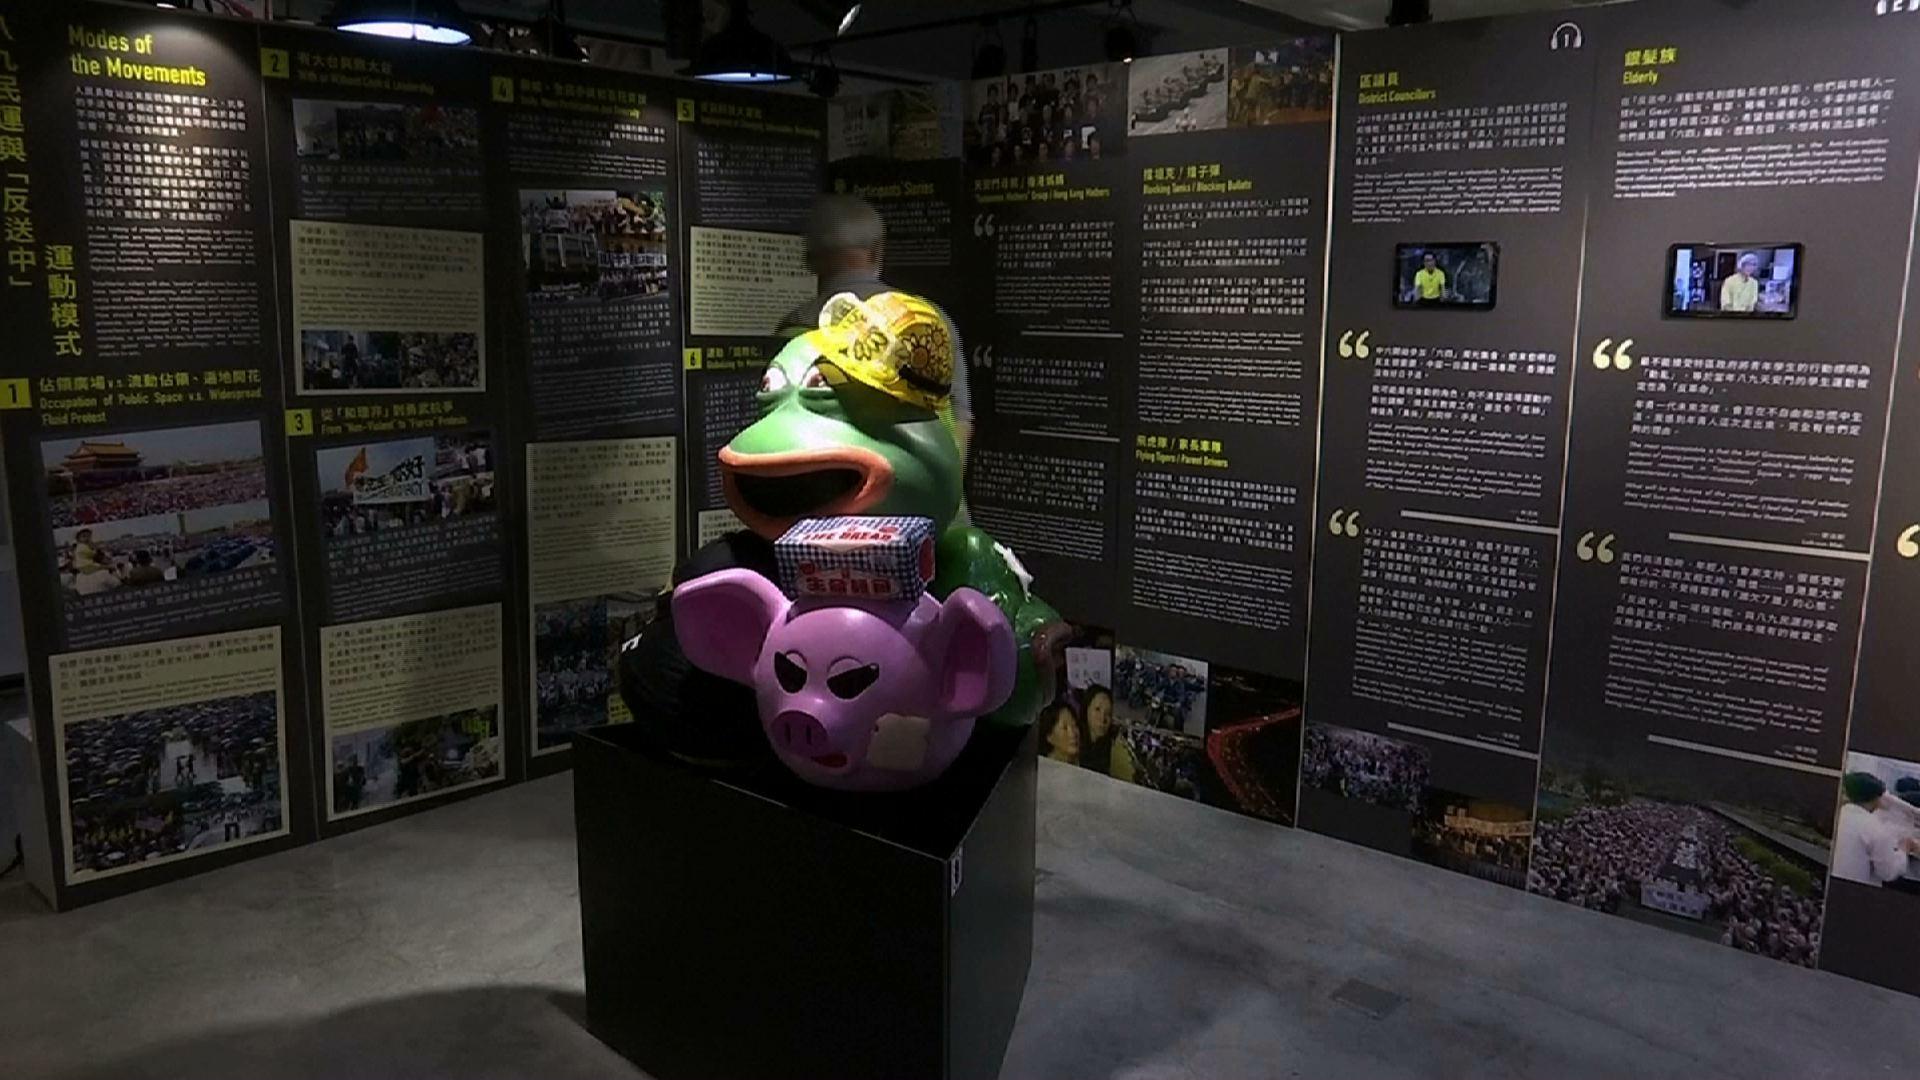 Viện bảo tàng Thiên An Môn ở Hồng Kông chuyển sang số hóa sau luật an ninh quốc gia mới